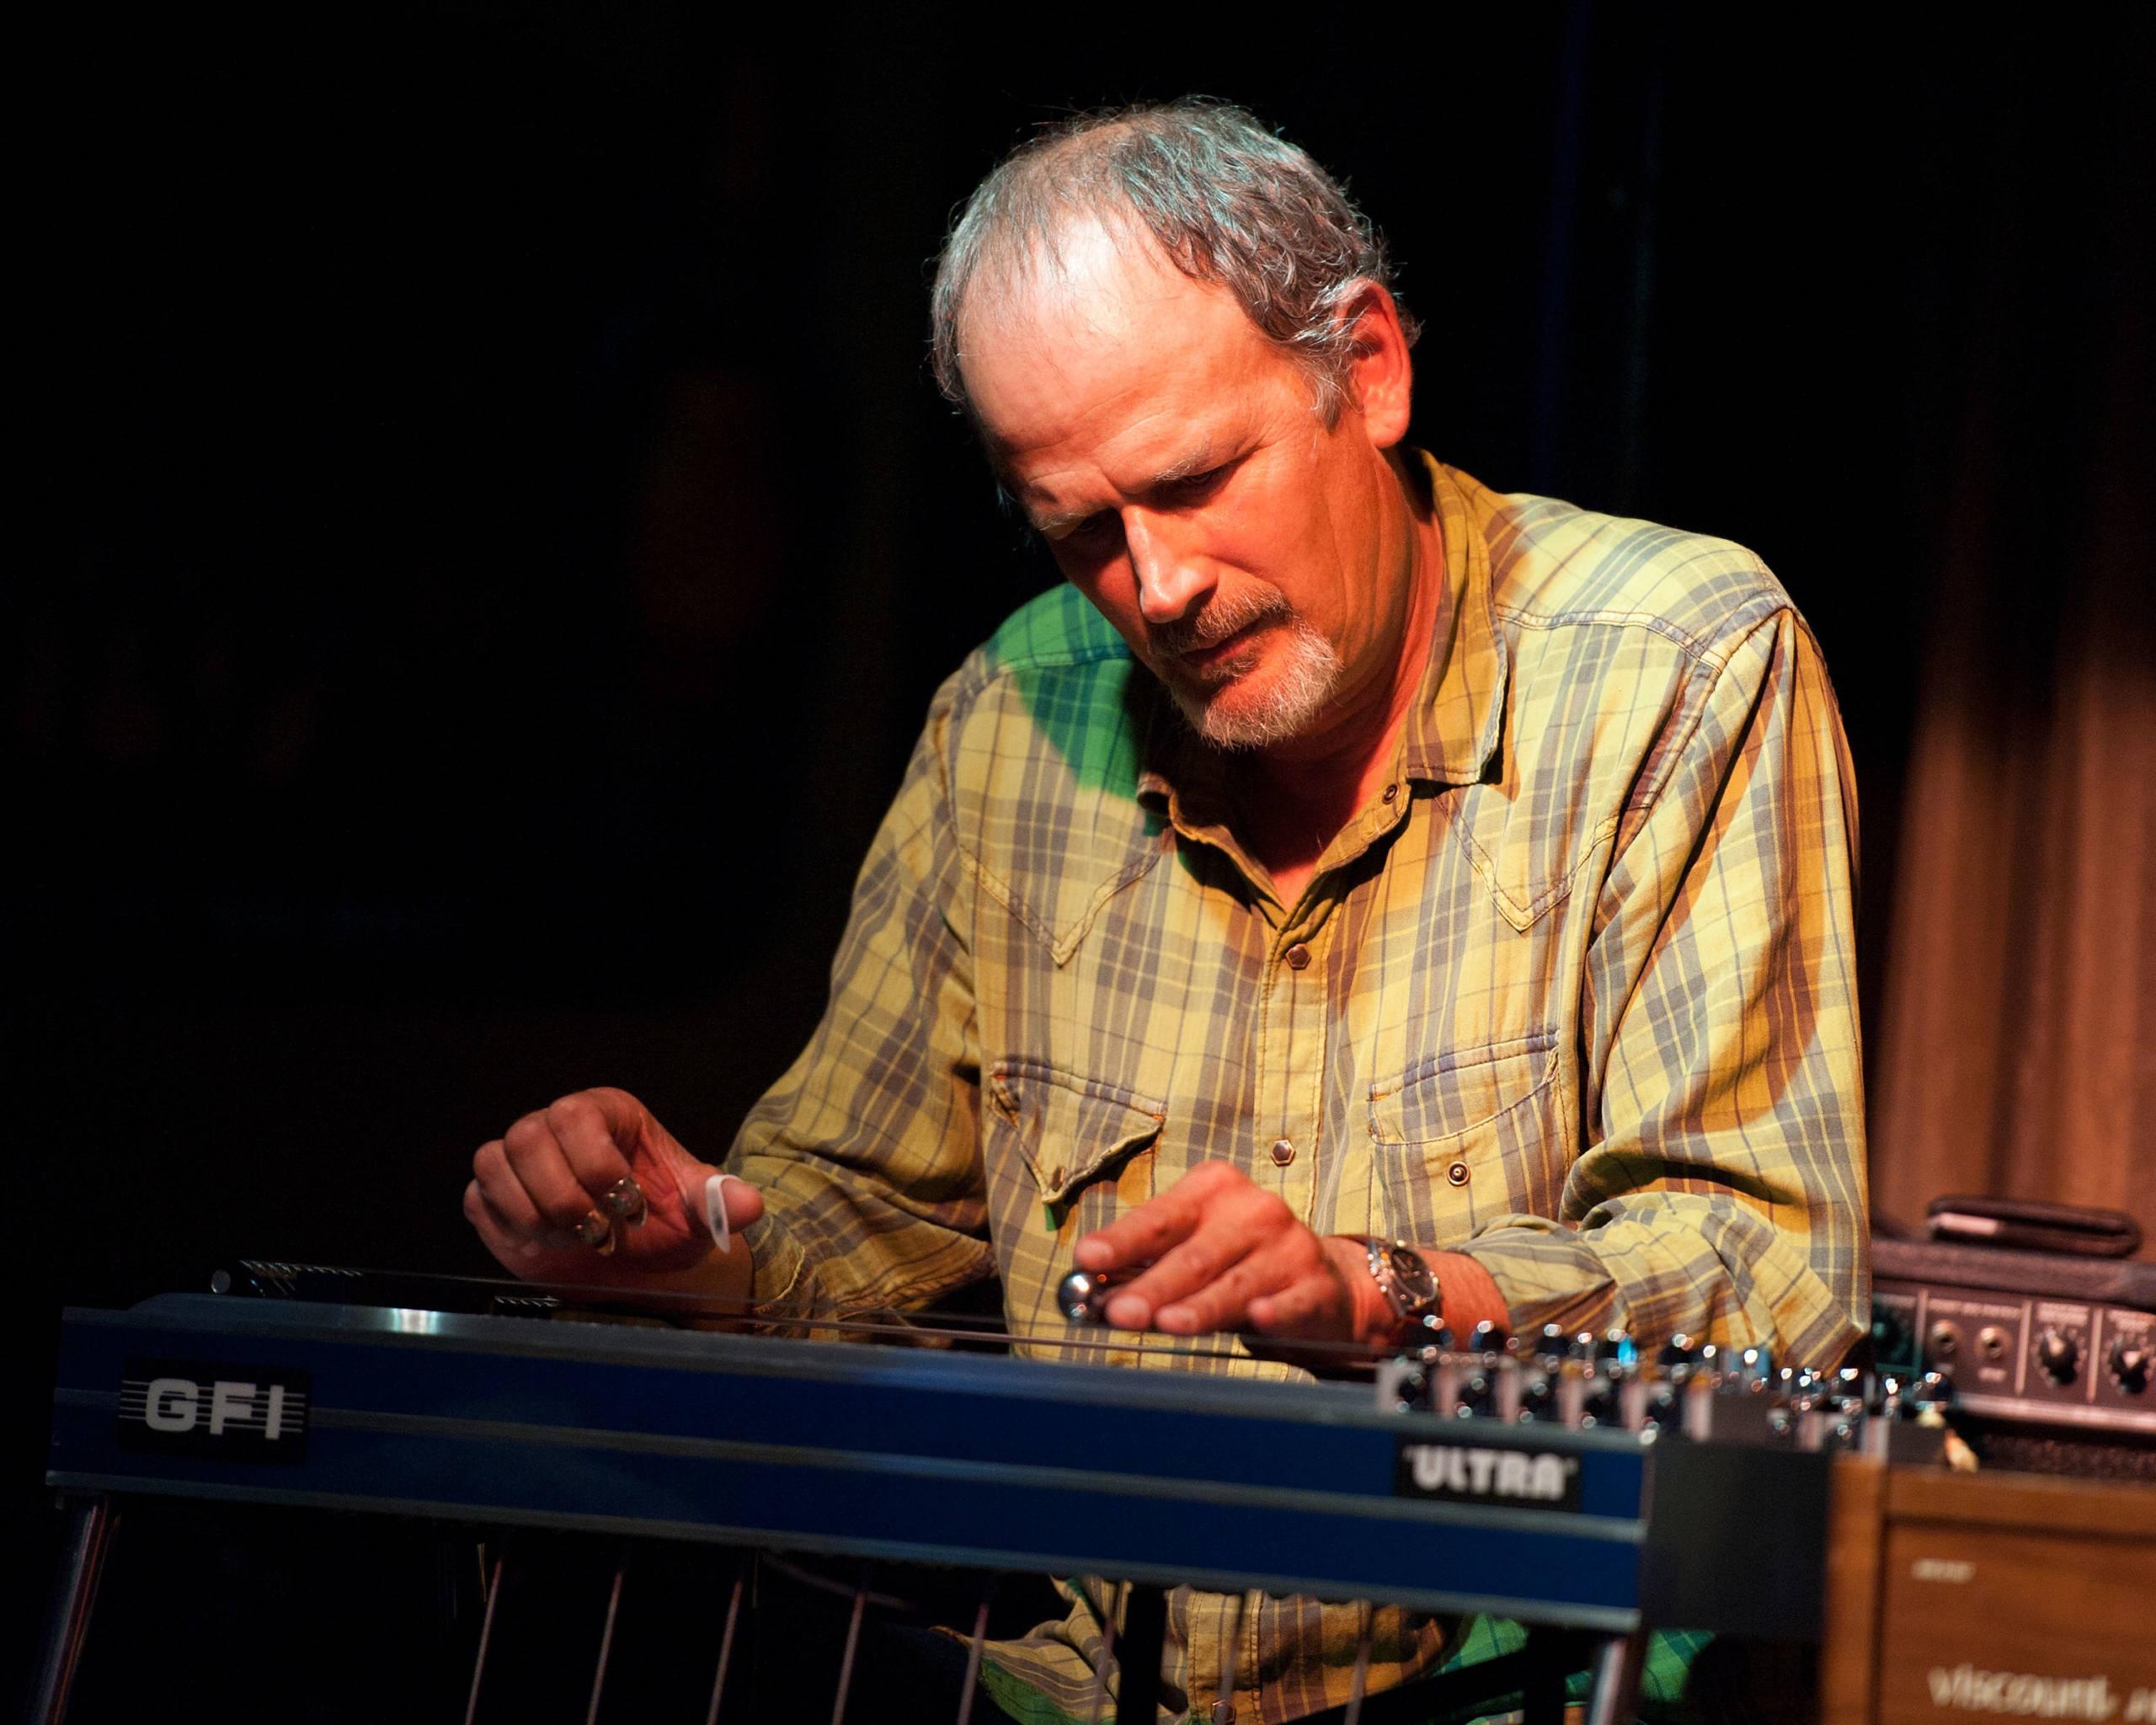 Bucky Baxter 2011 bei einer Show in Nashville